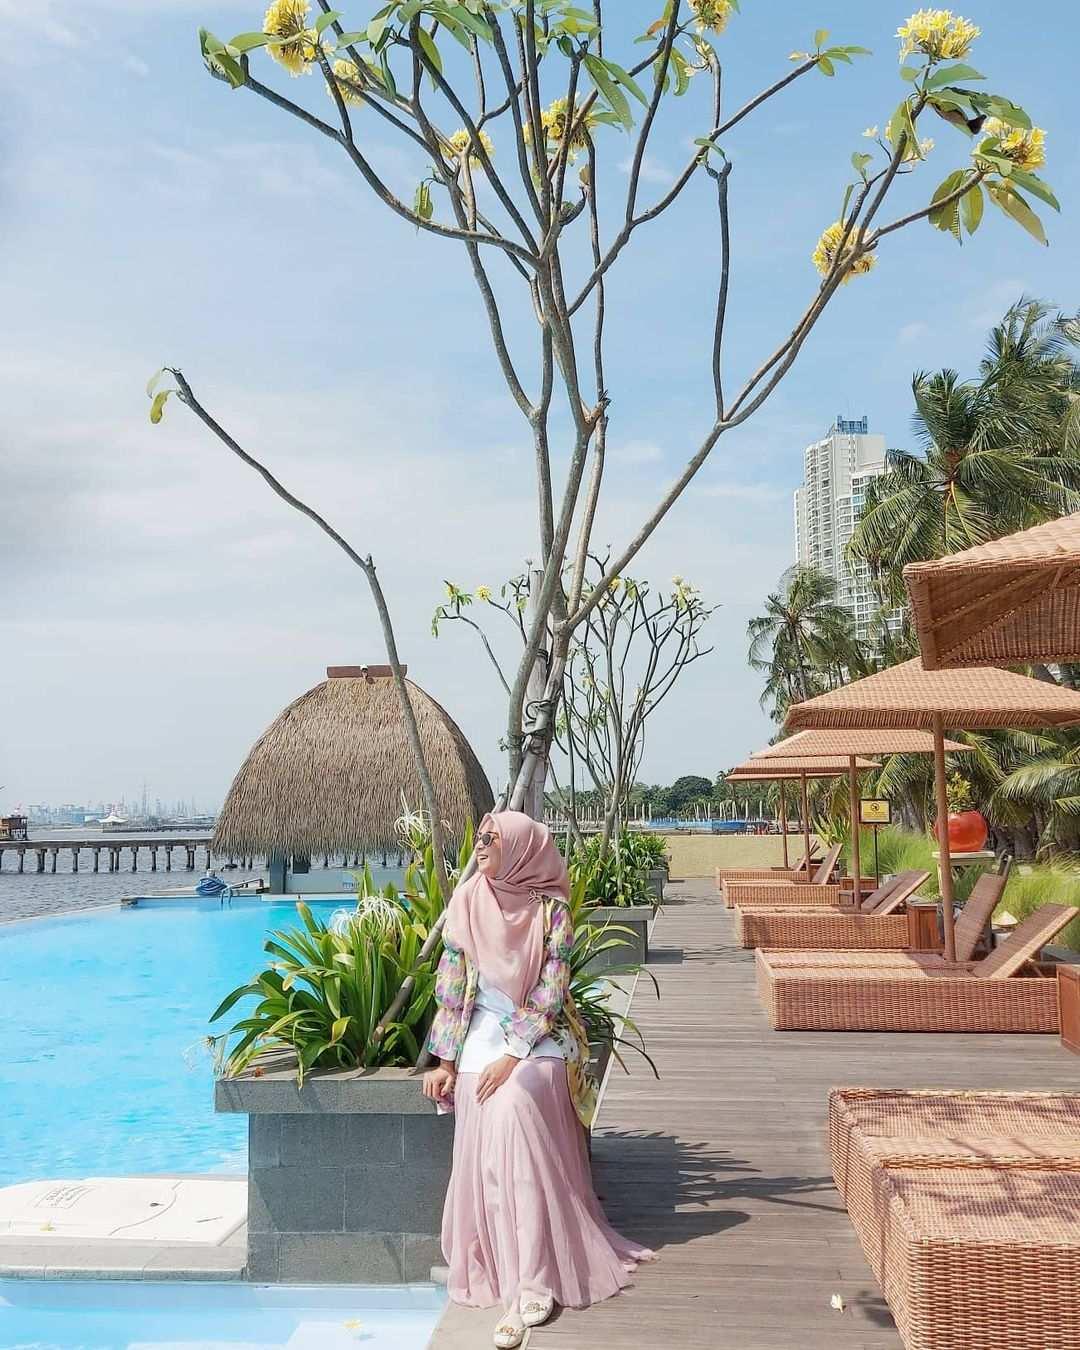 View Kolam Renang Di Nyiur Resto Ancol Image From @indriimanda